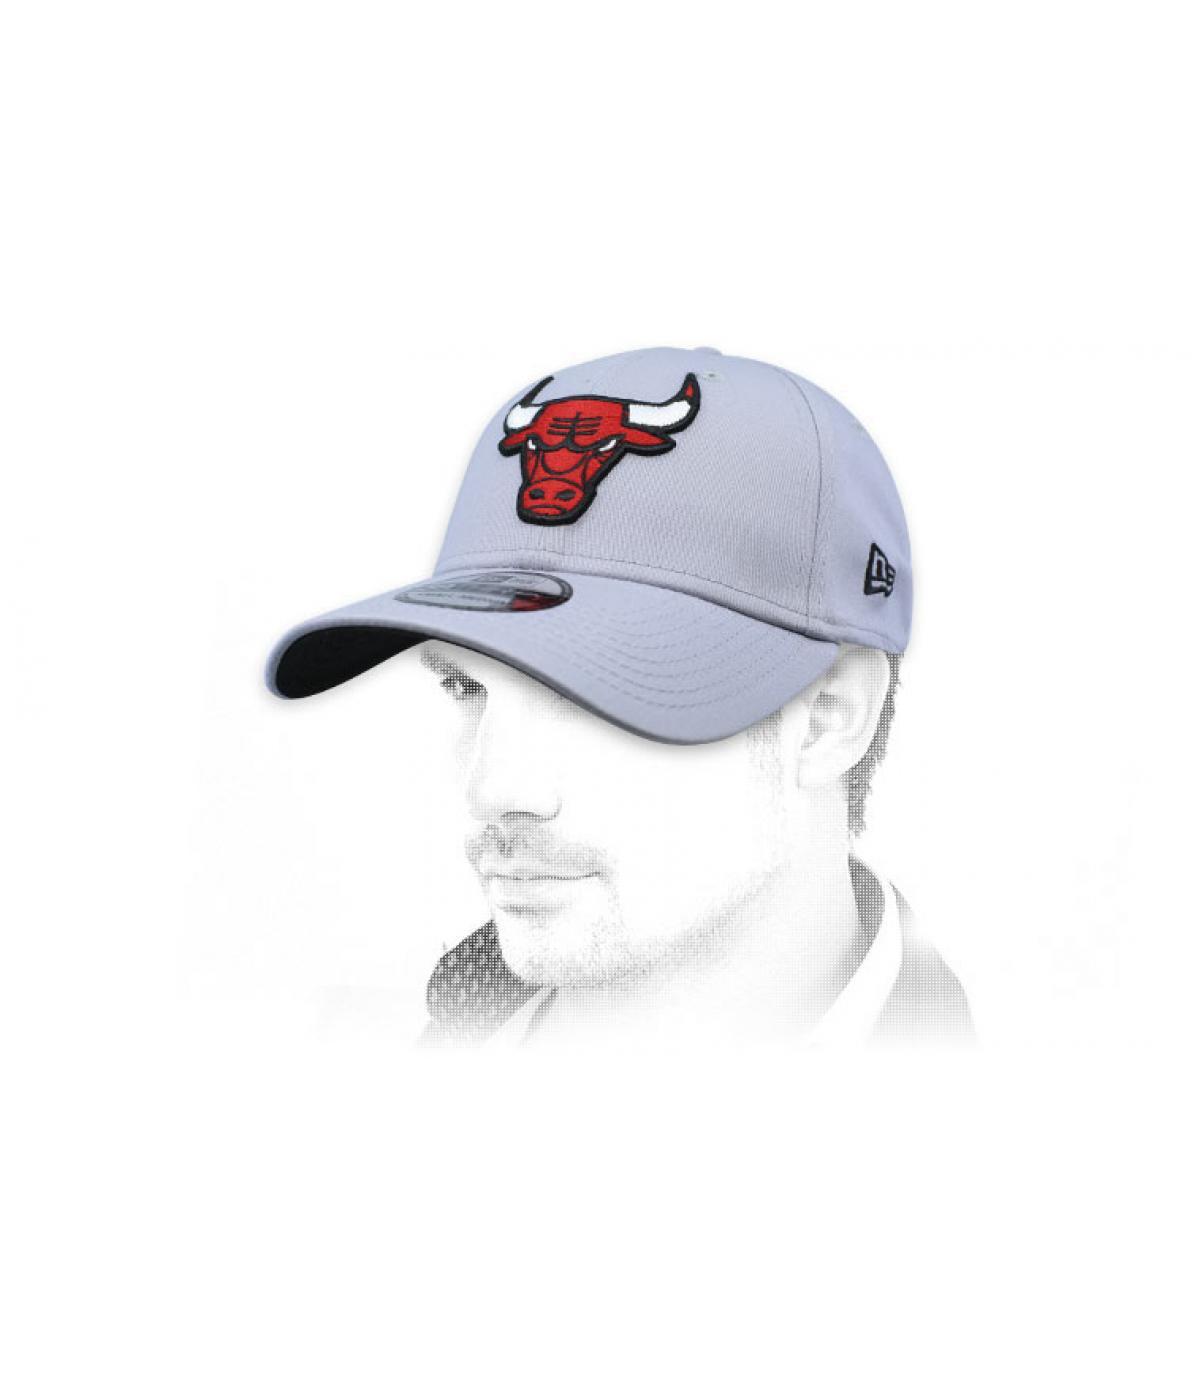 casquette Bulls gris